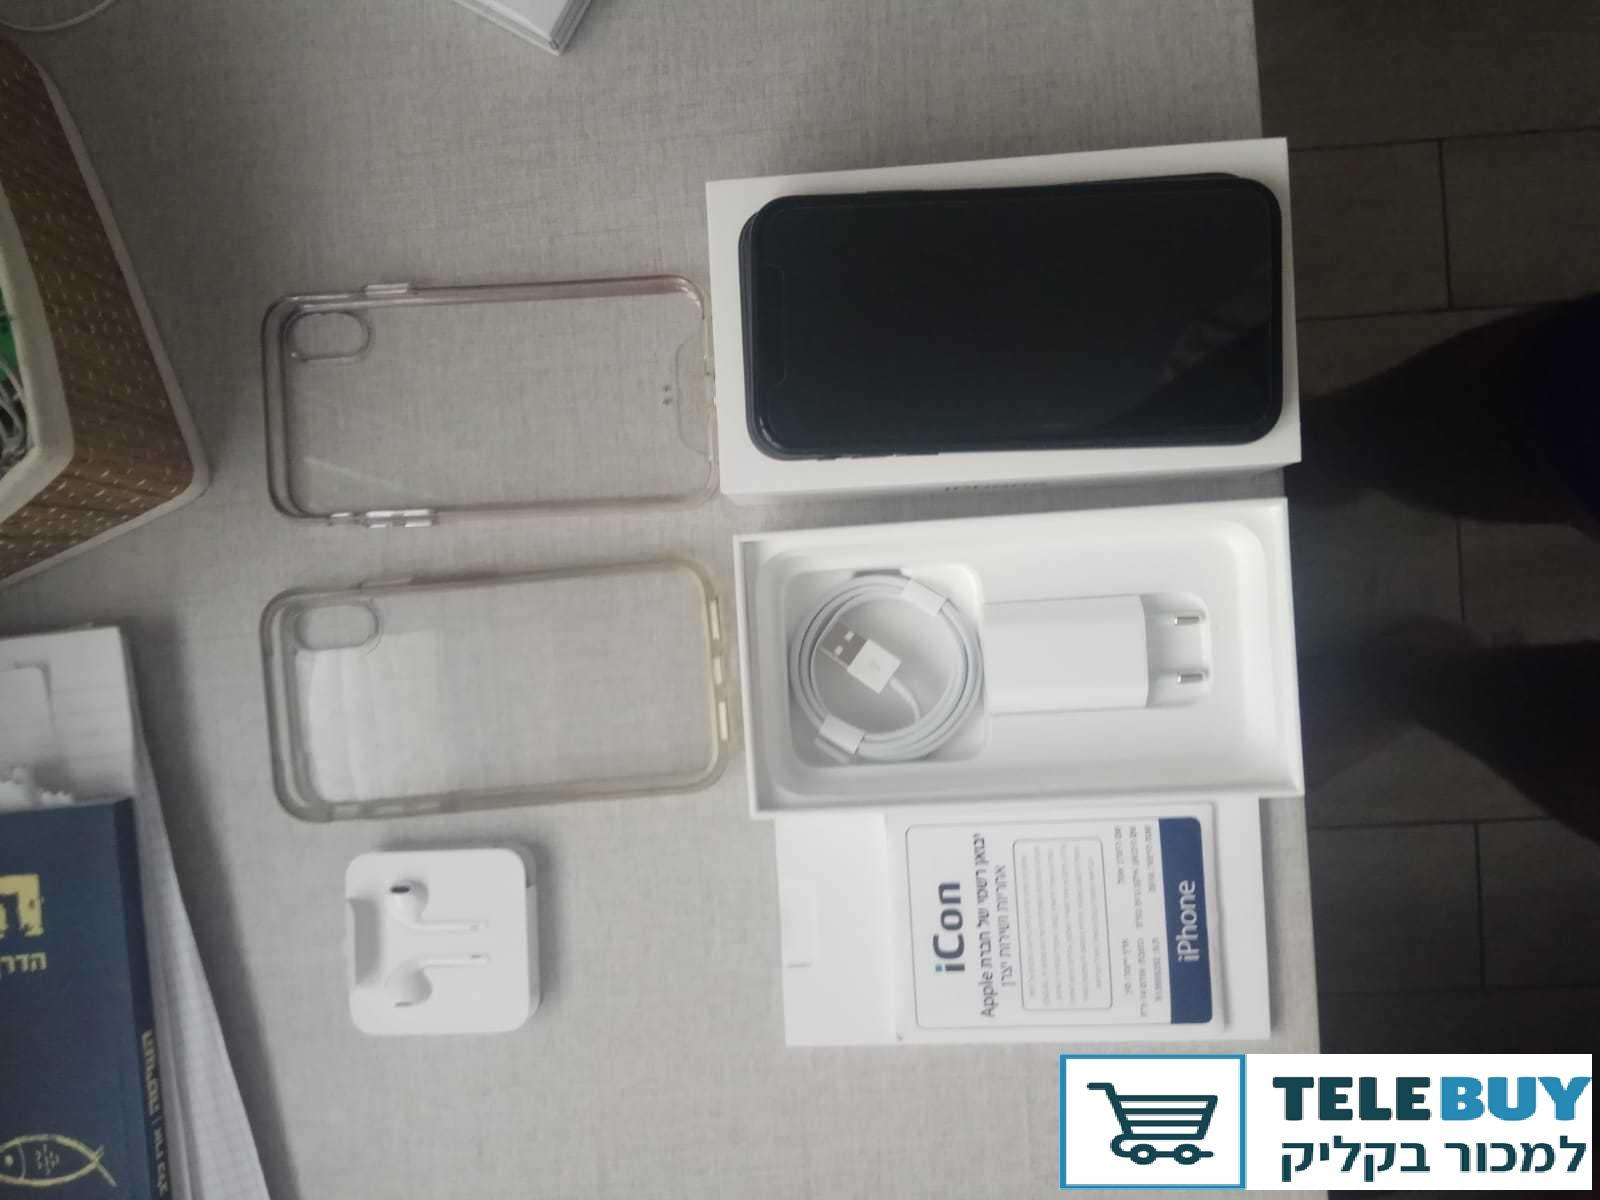 סלולרי מכשיר סלולרי אפל Apple אחר ברעננה- כ